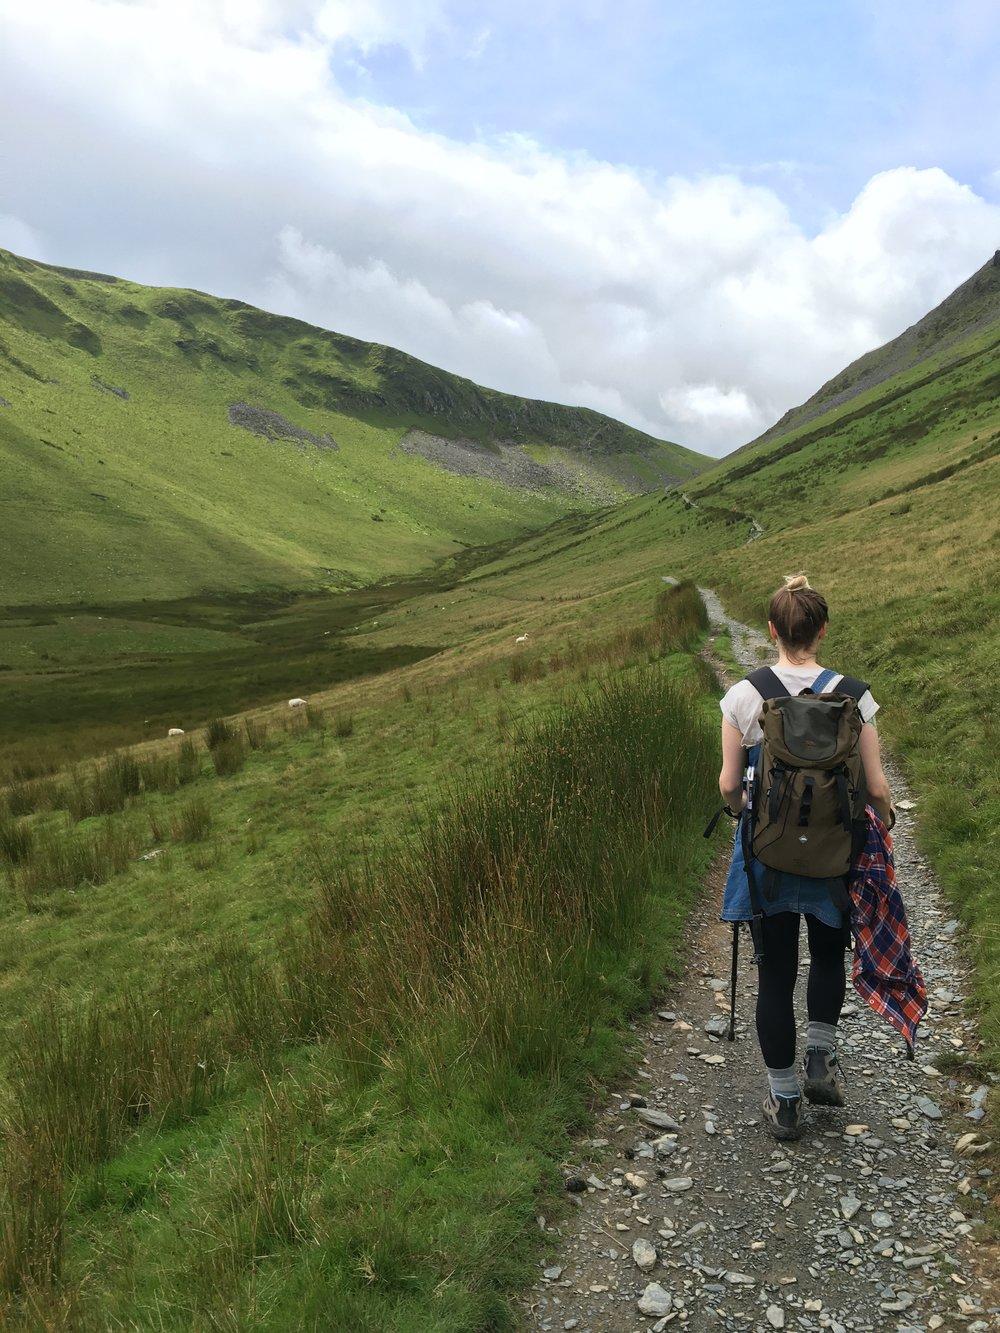 Walking through Maesgwm